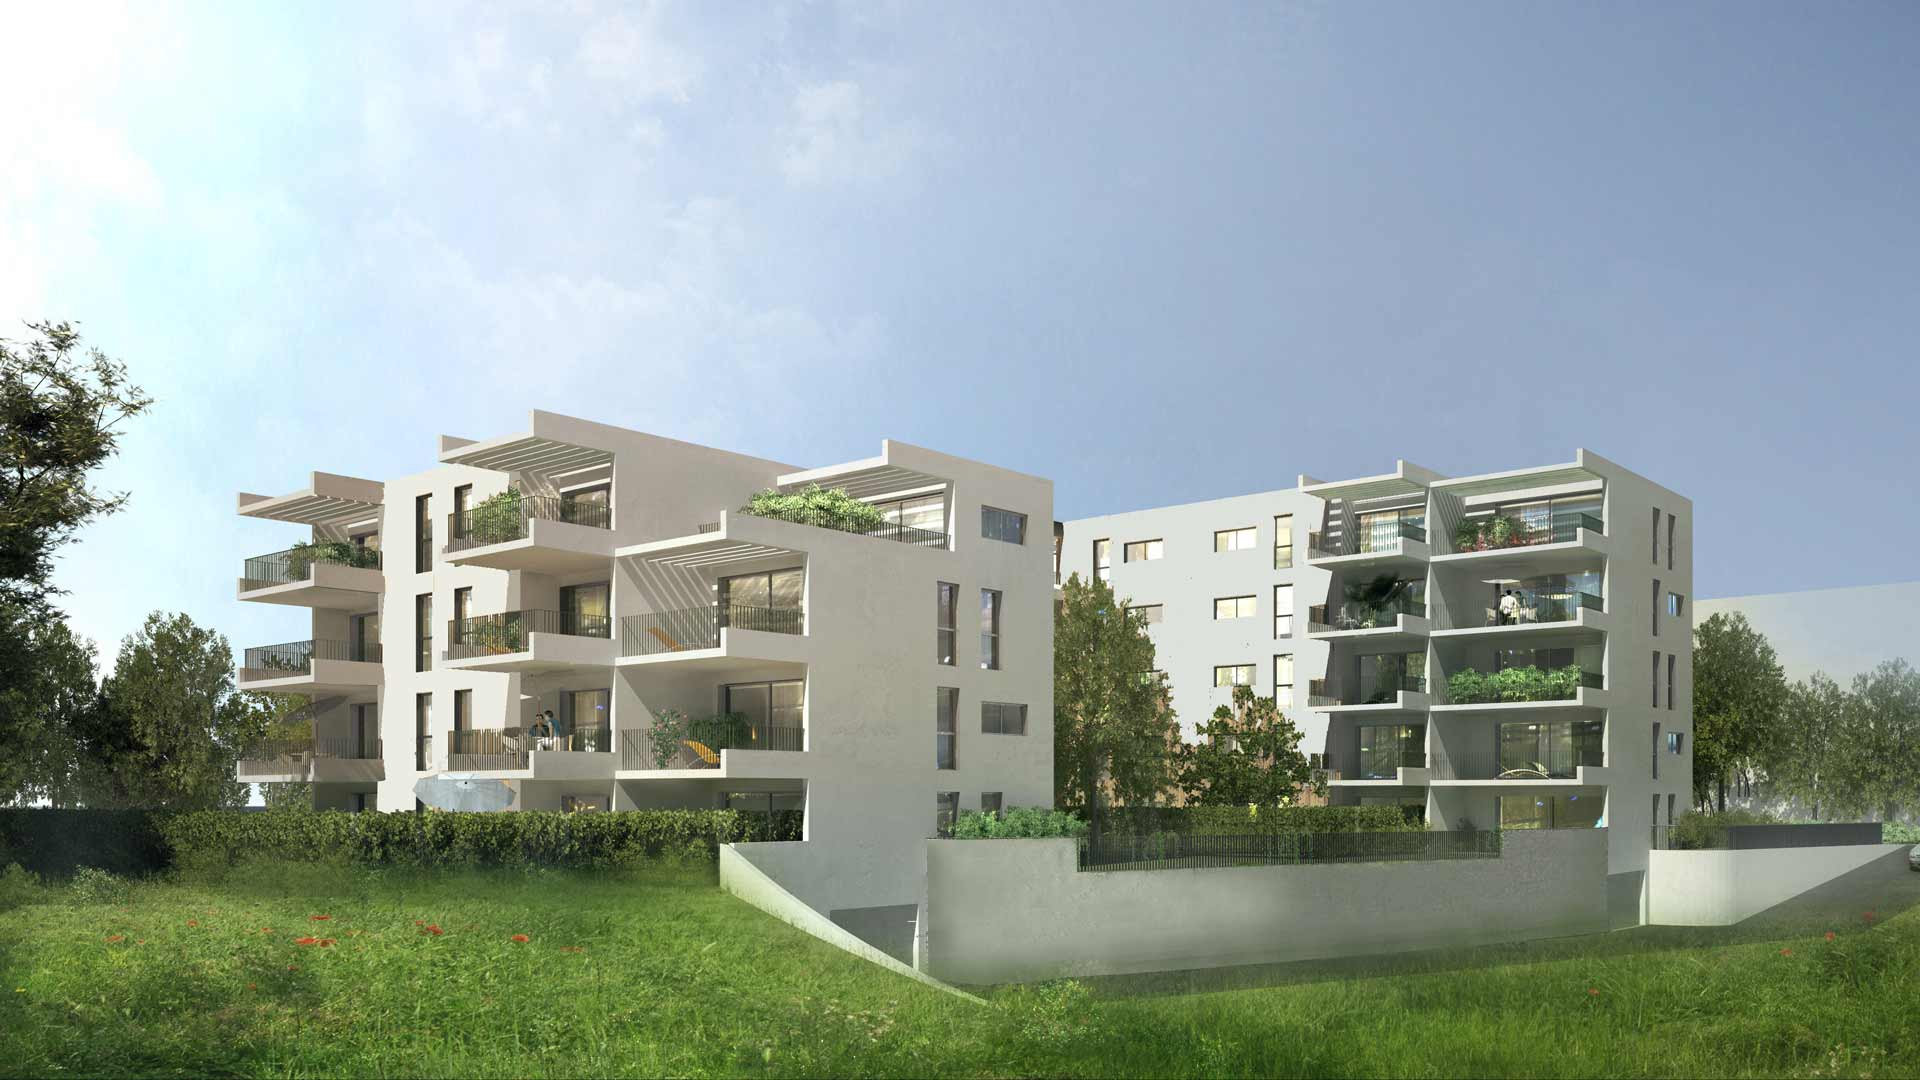 bet-structure-béton-armé-logements-sociaux-2